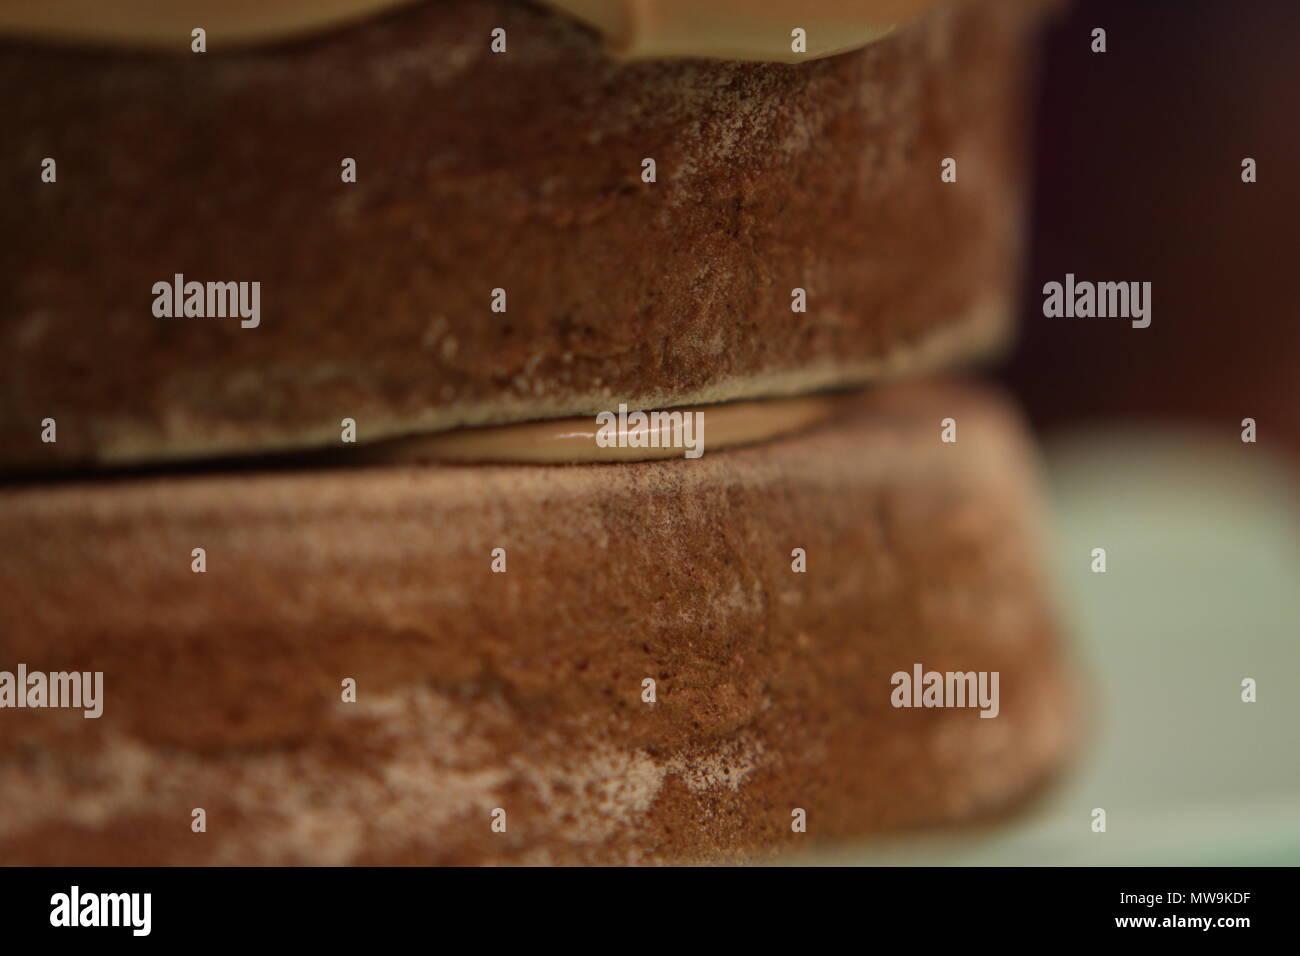 Mum's homemade coffee cake. - Stock Image